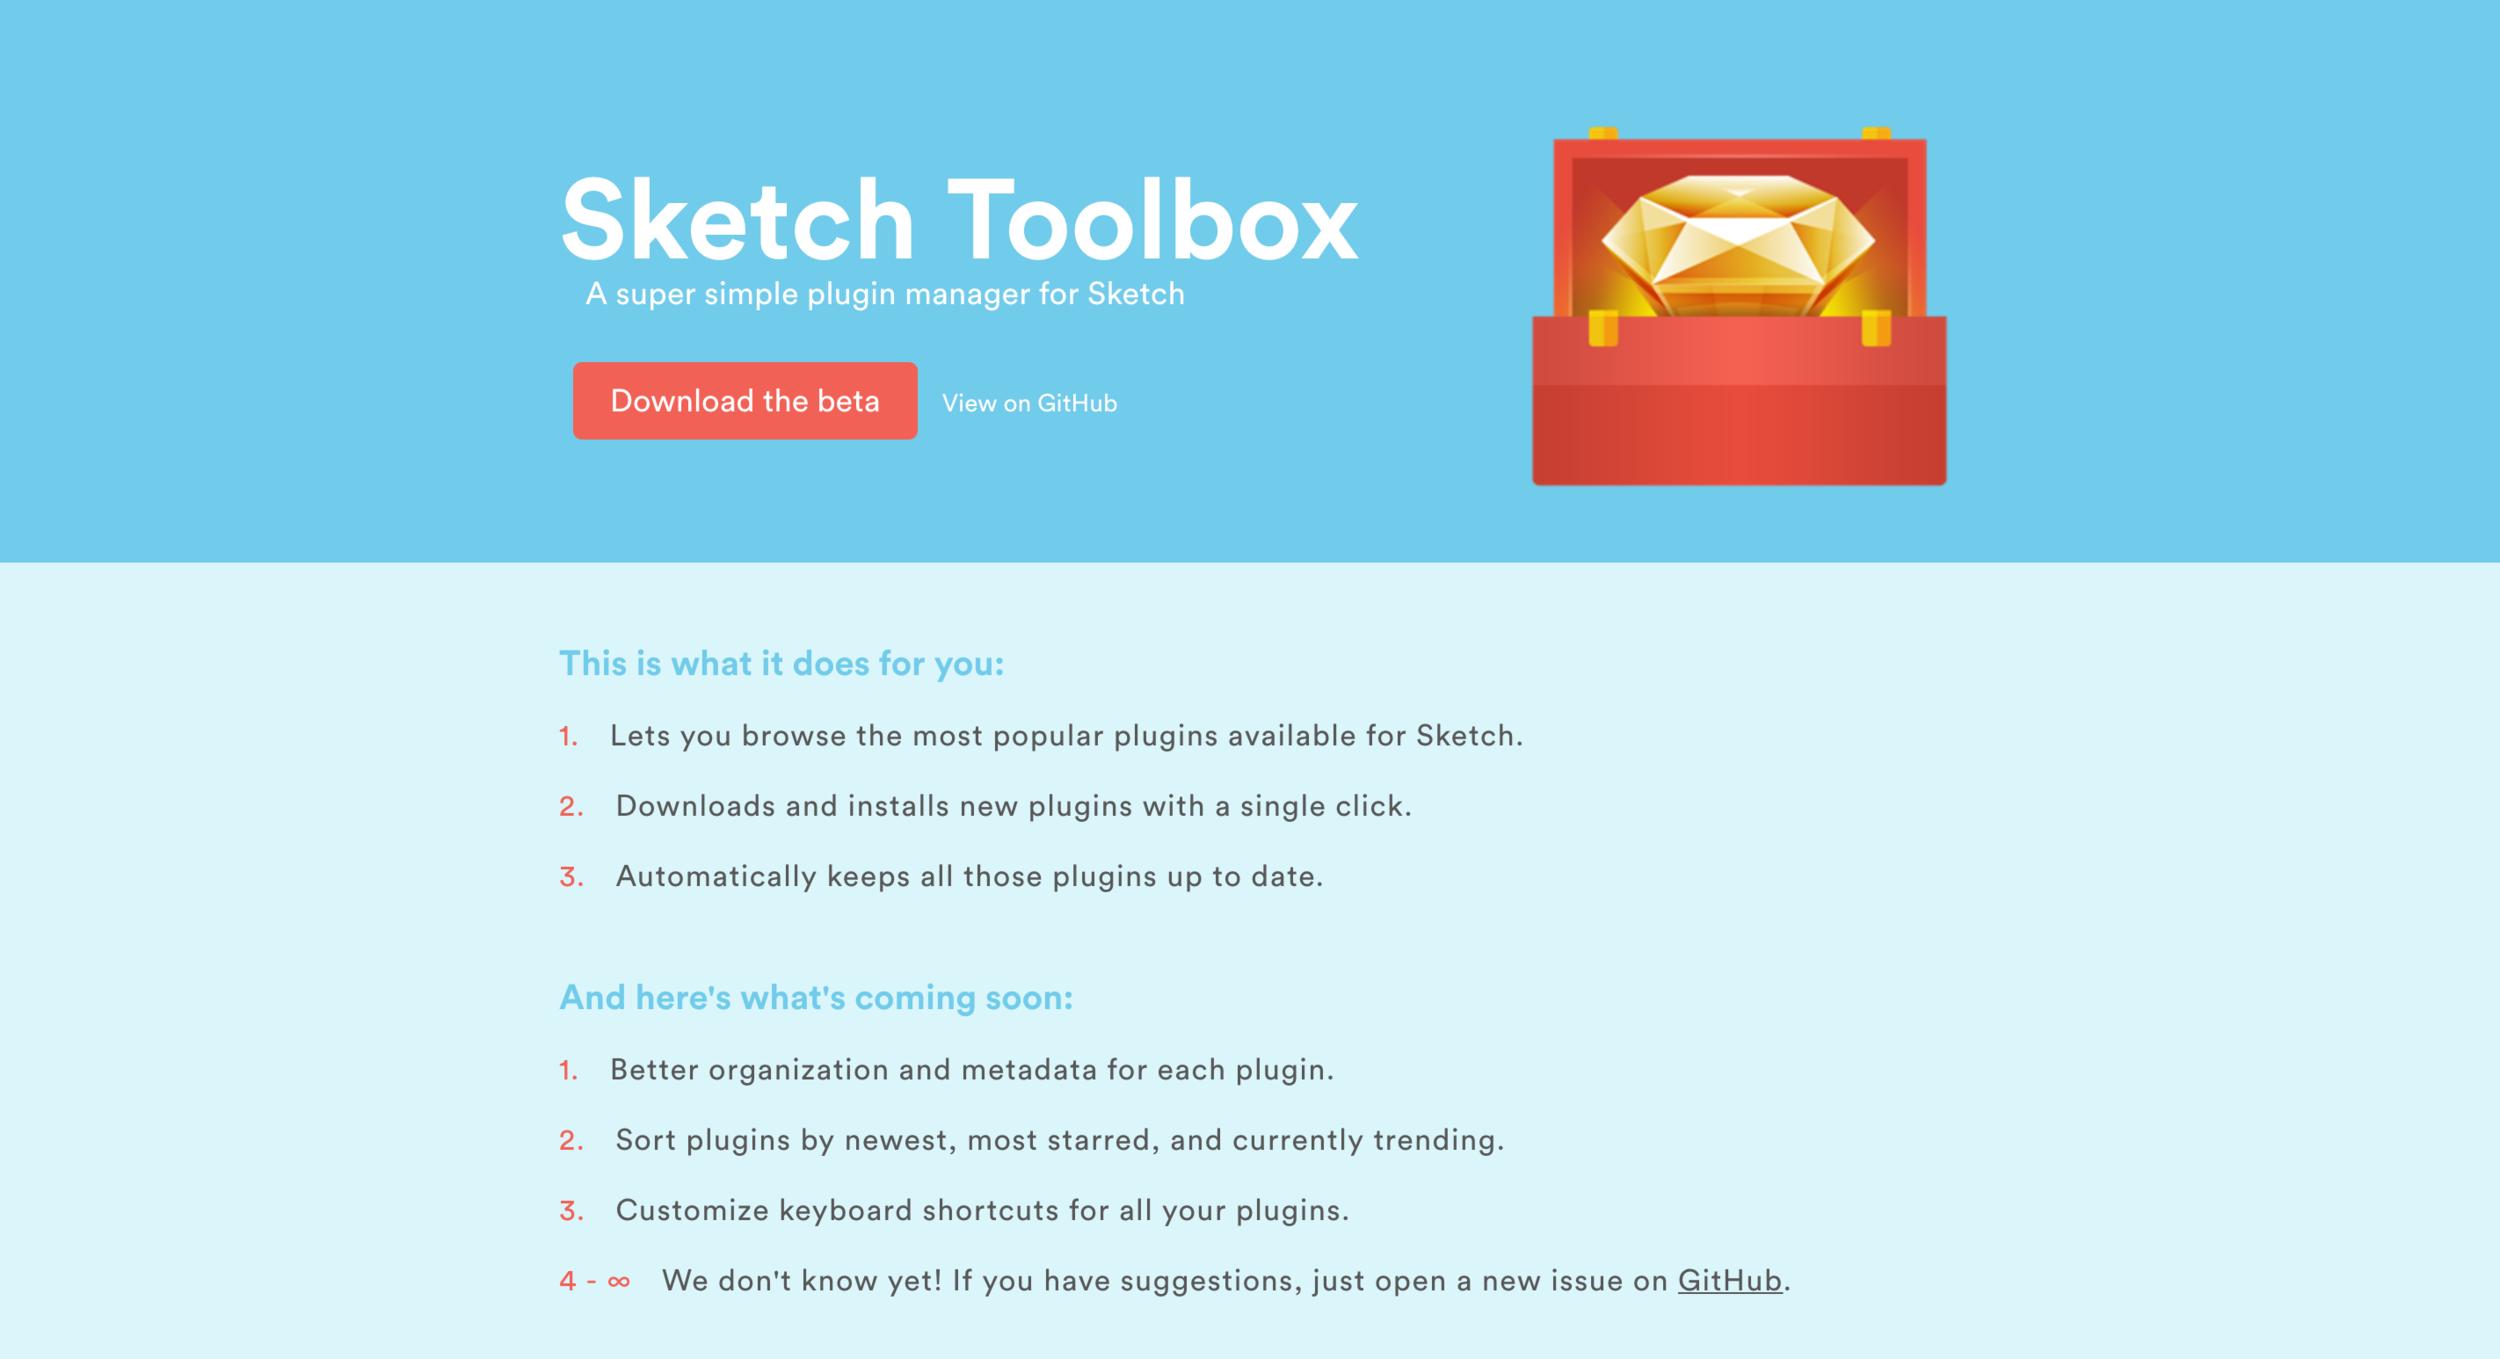 jacob-ruiz-design-blog-tools-sketch-toolbox